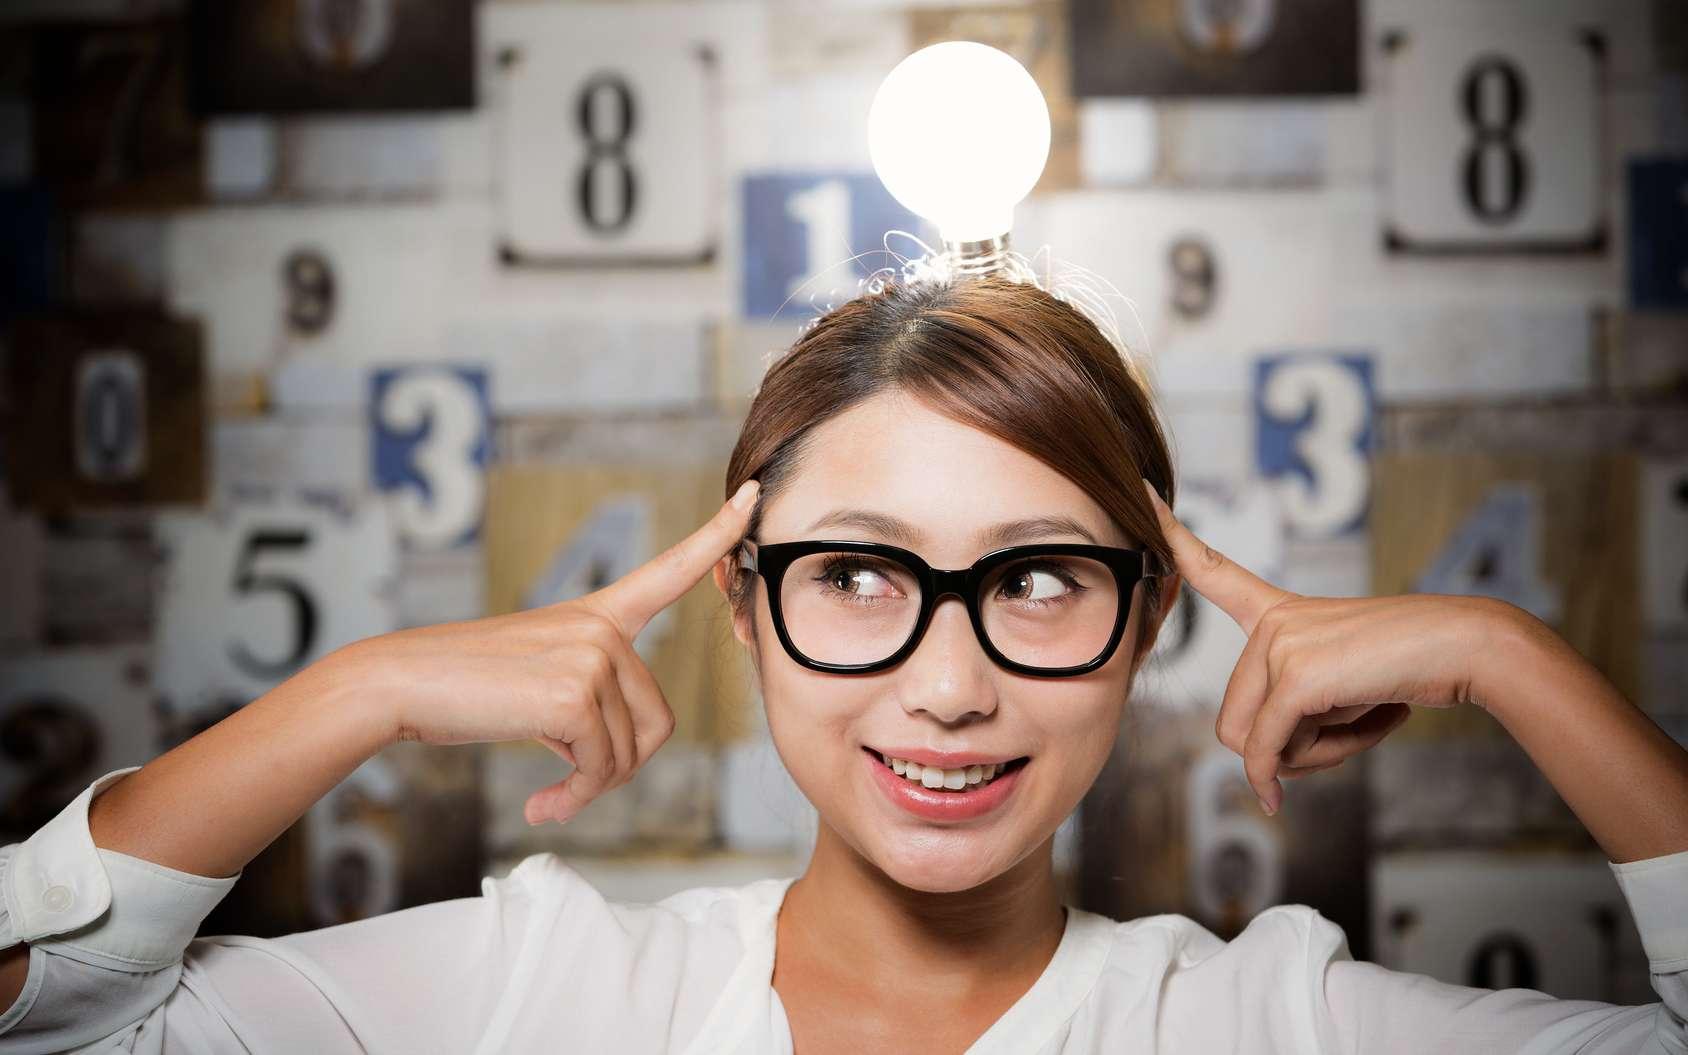 Le cerveau des femmes atteint la maturité avant celui des hommes : c'est le résultat d'une vaste étude qui a analysé près de 3.000 IRM. © kei907, Fotolia